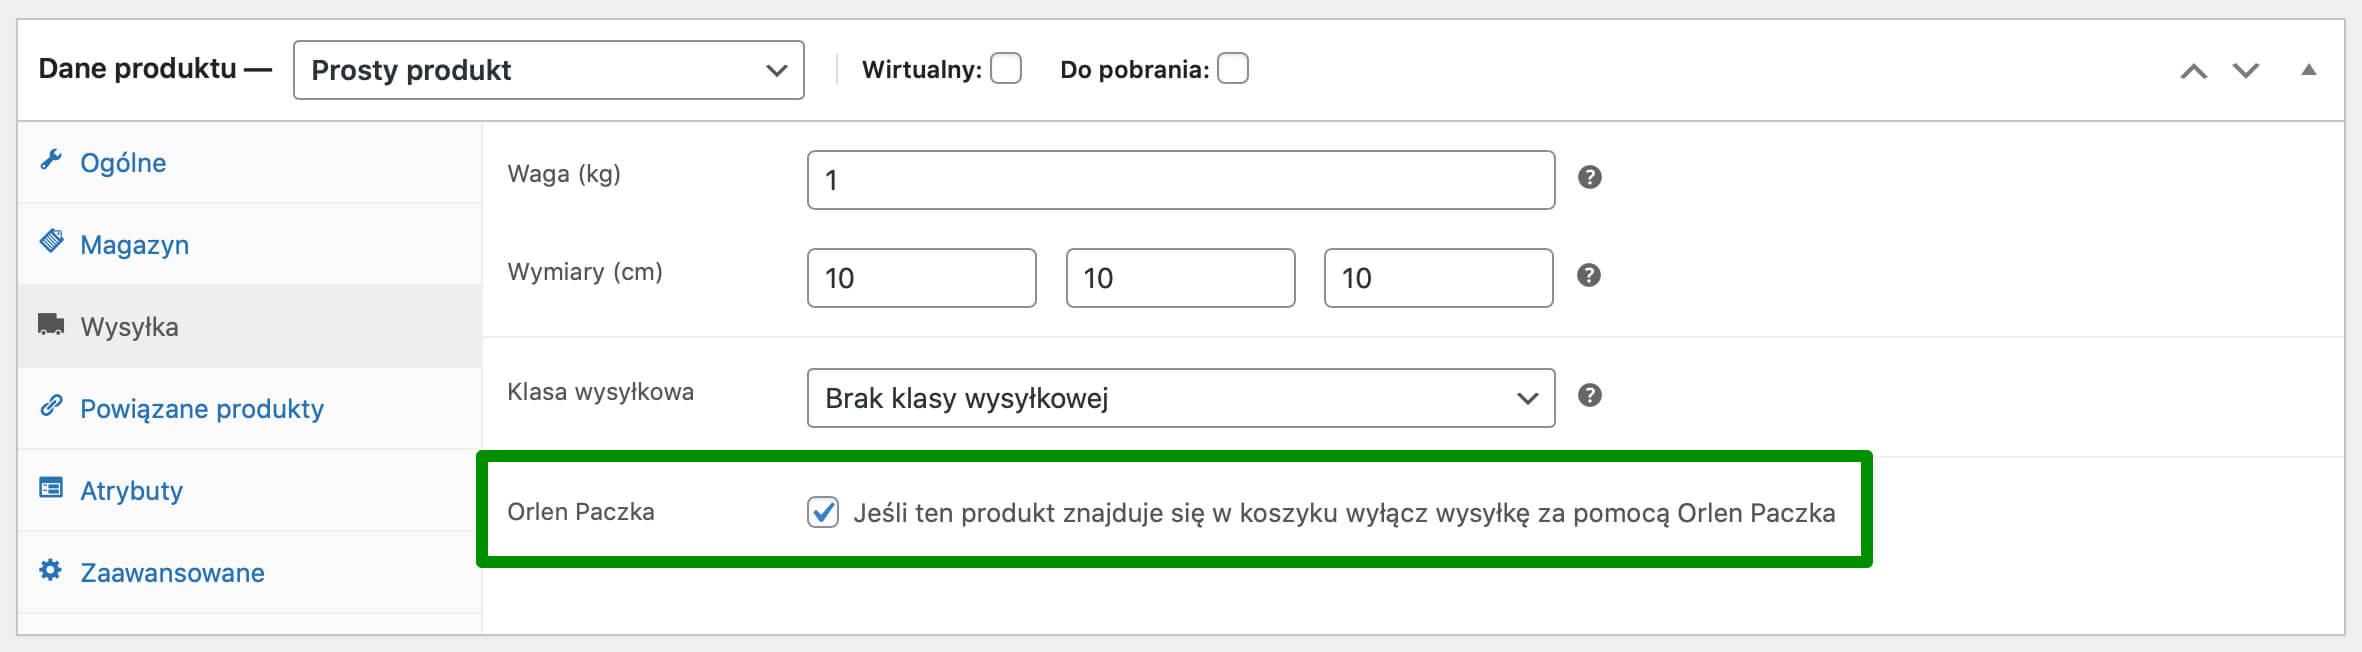 Wyłączanie wysyłki Orlen Paczką wybranego produktu